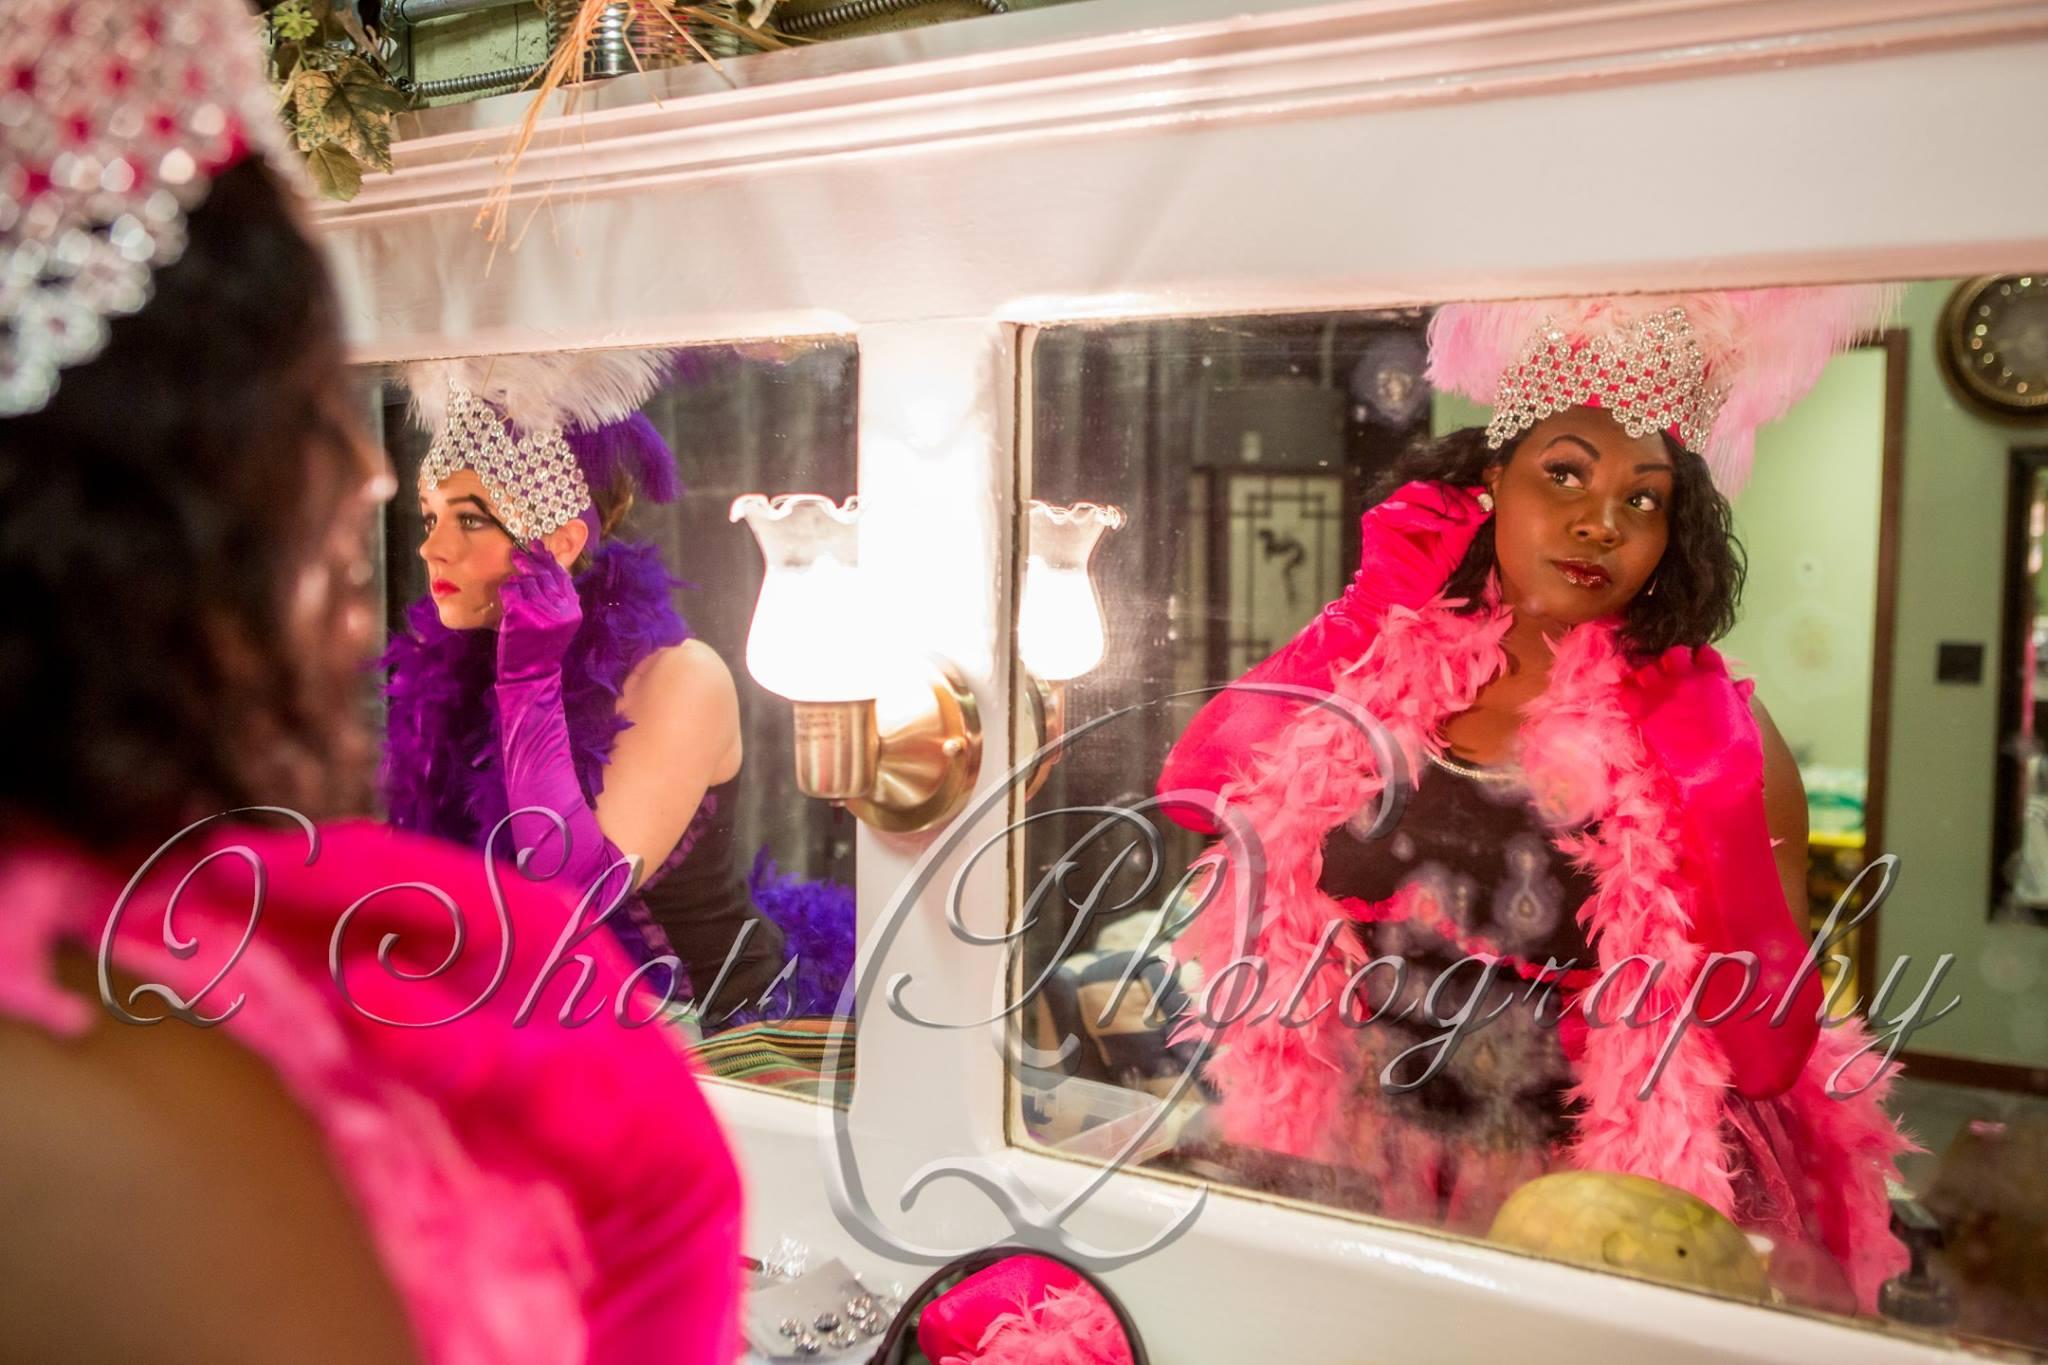 SouthernBroadway_DinnerTheater_AnEveningAtTheCopa_DressingRoom5.jpg